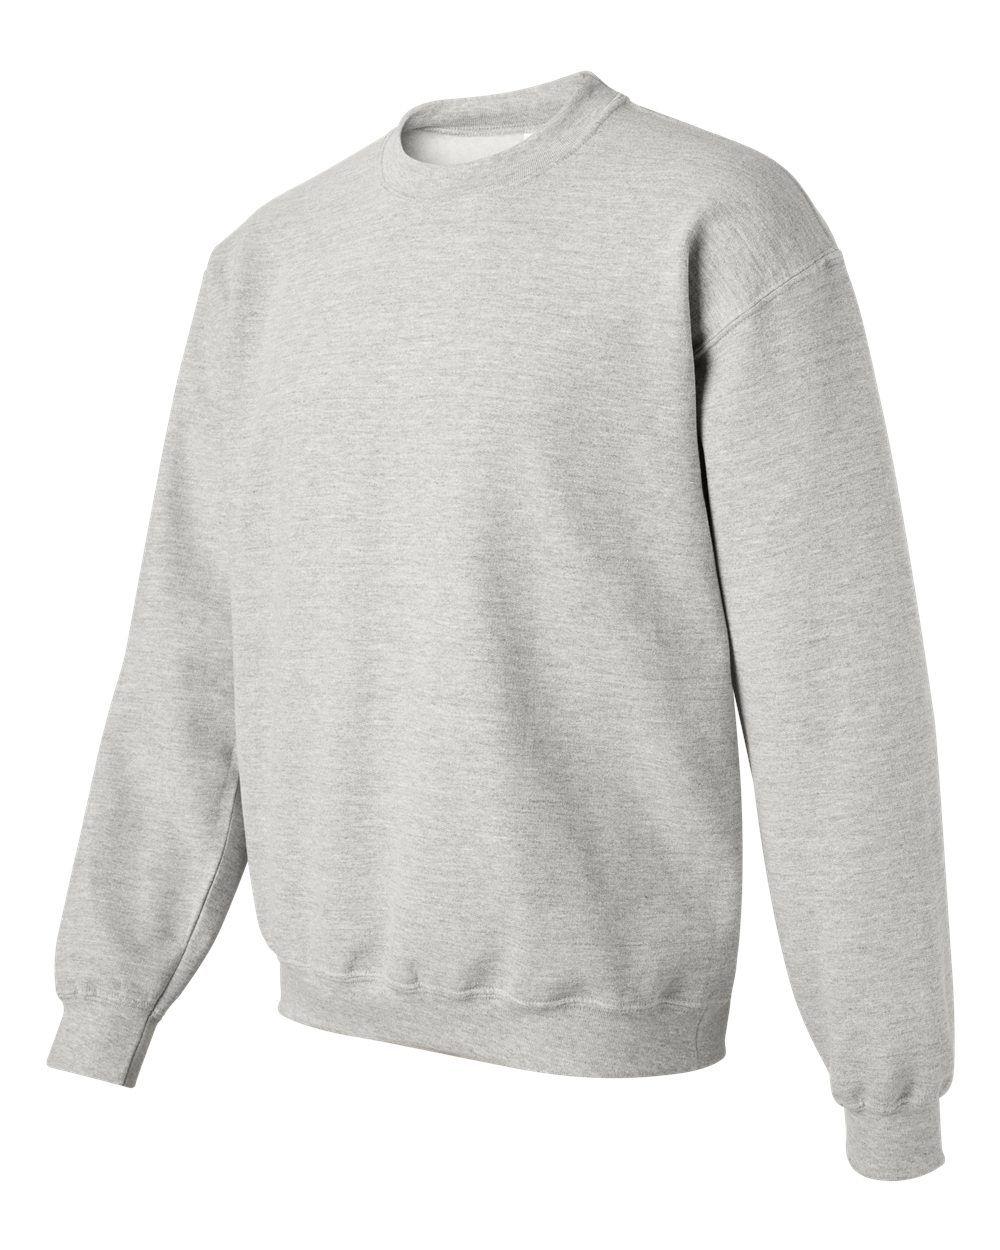 924d220592e Plain Basic Cheap Discount Blank Wholesale Adult Mens Crewneck Sweatshirt